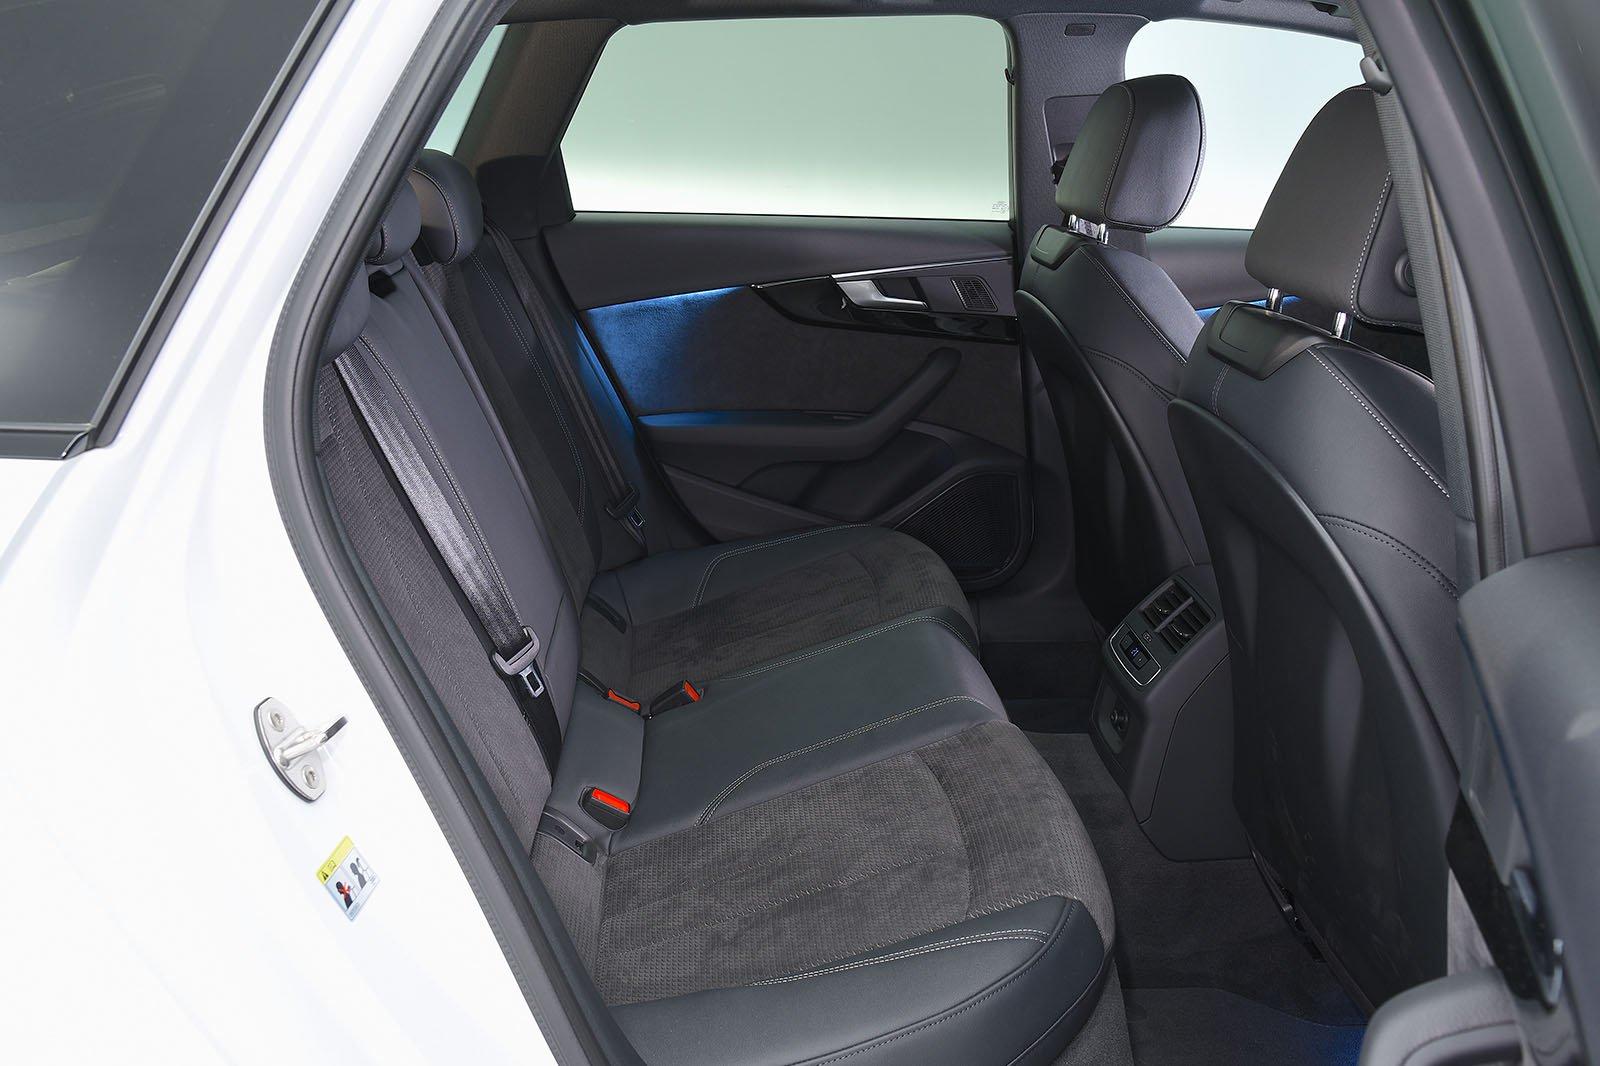 2018 Audi A4 Avant rear space